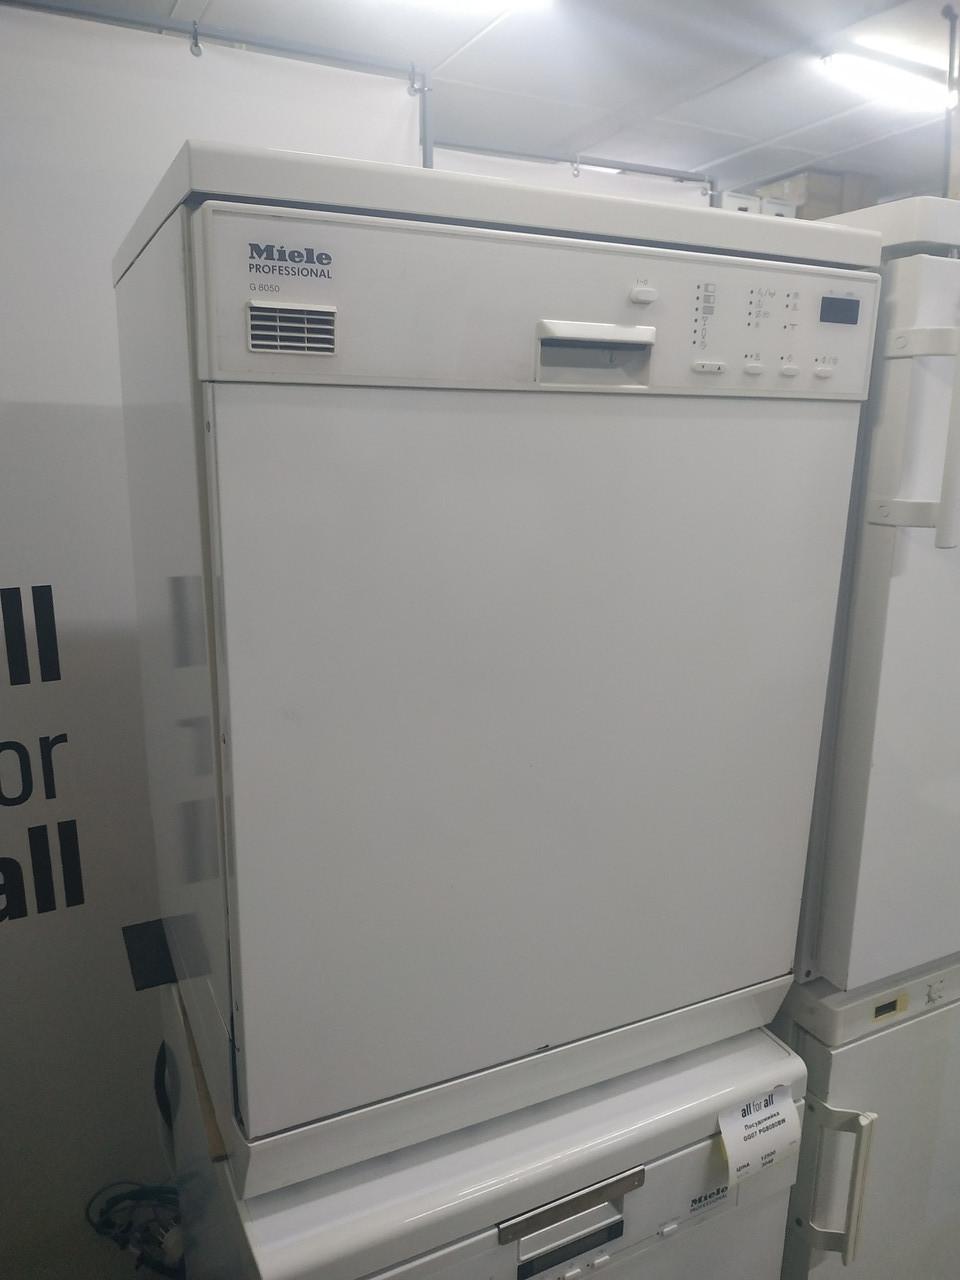 Професійна посудомийна машина Miele Professional G 8050